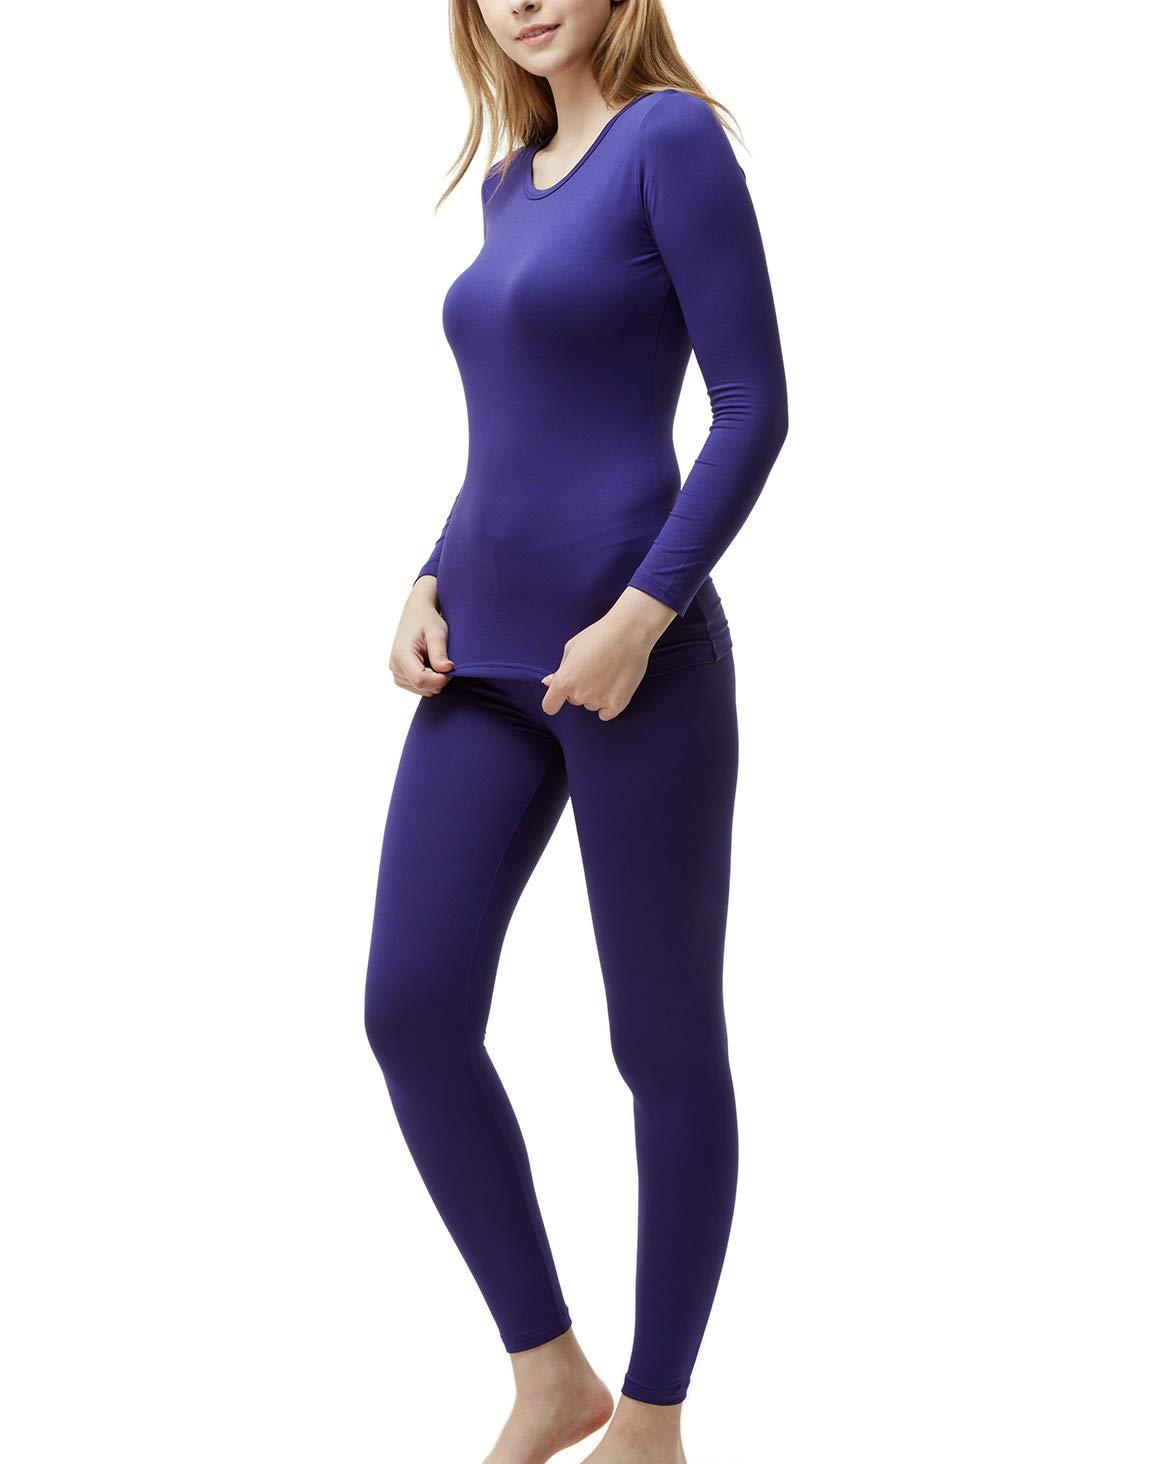 TSLA Blank Women's Top & Bottom Set w Microfiber, Thermal Set(whs200) - Purple, Small by TSLA